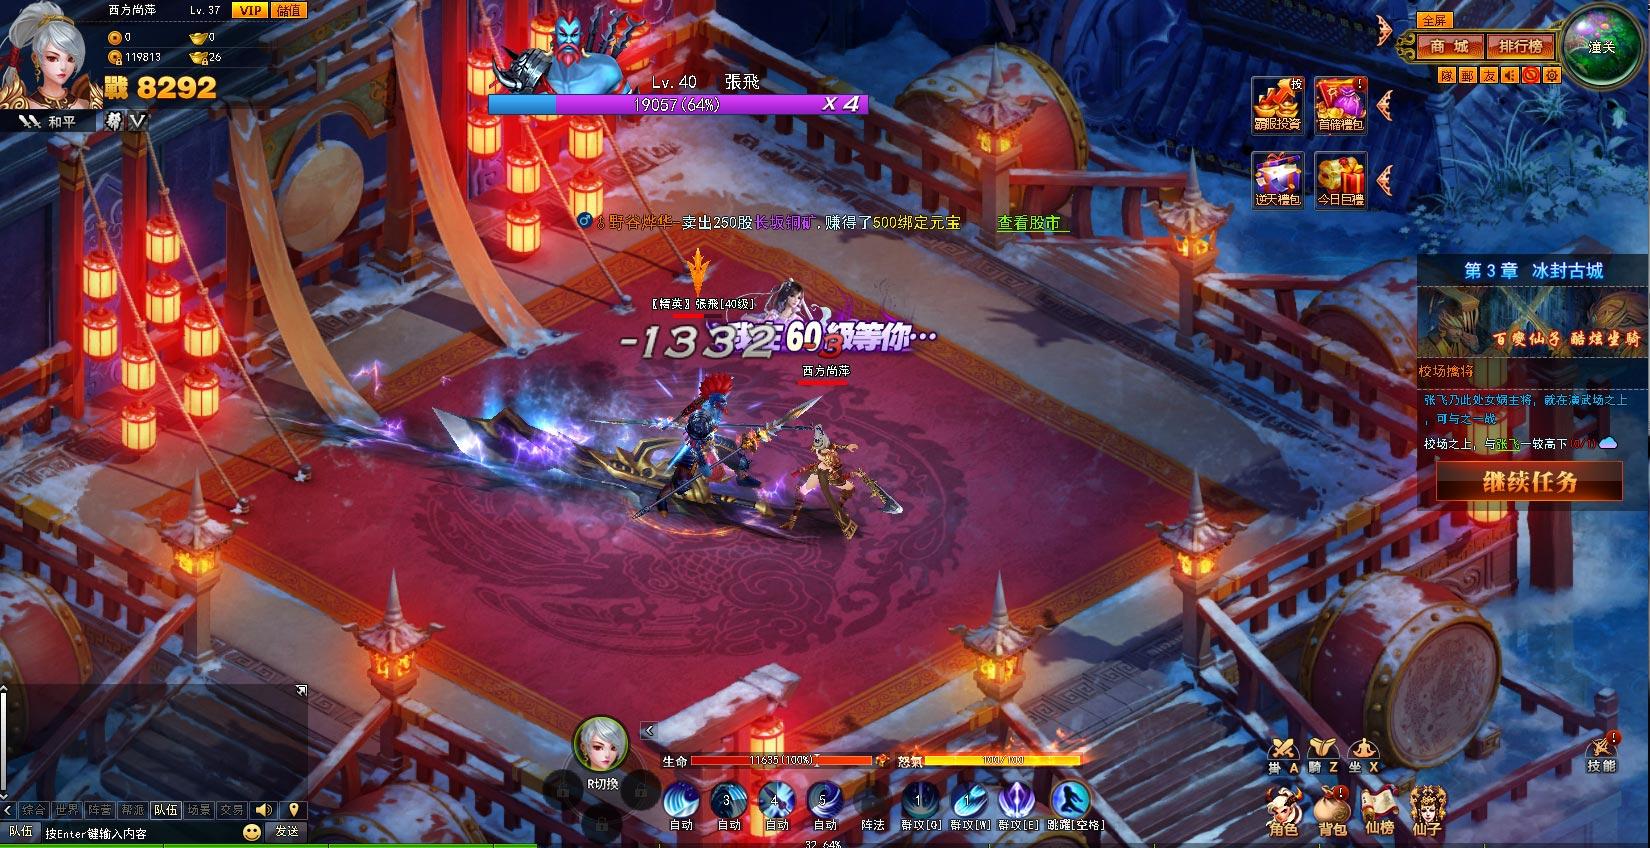 魔神世界游戏截图4